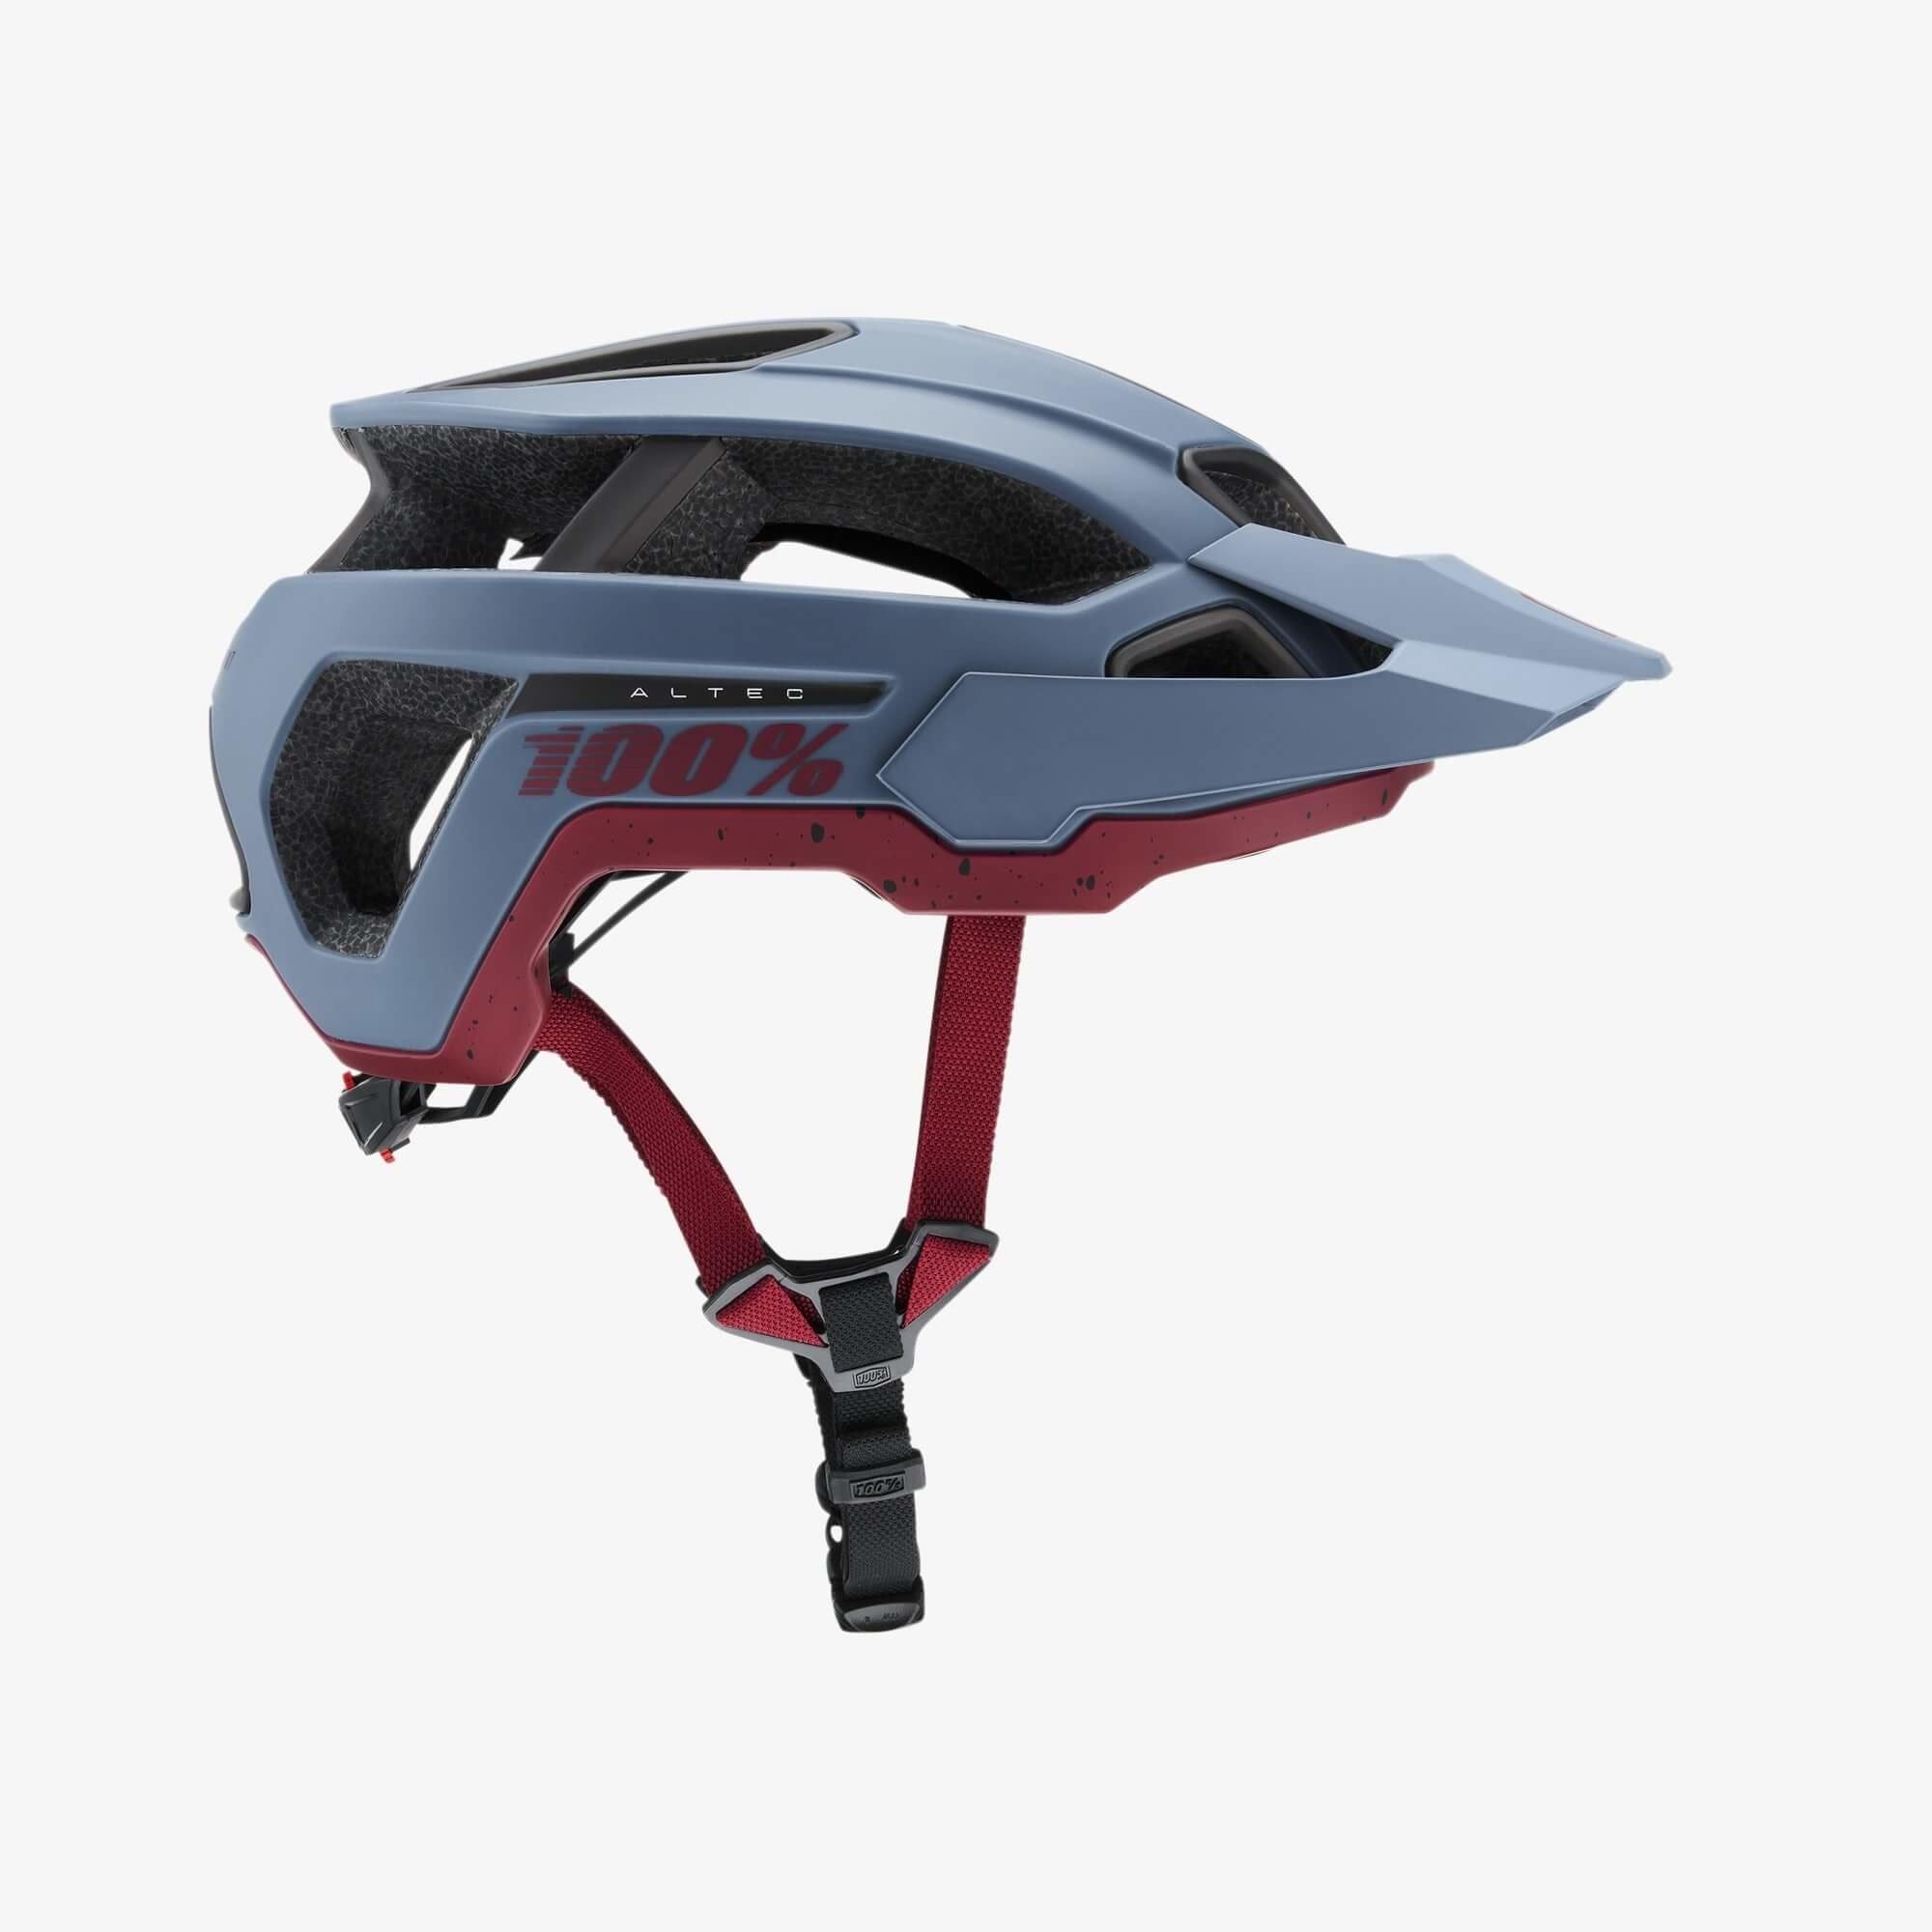 Altec Helmet-12